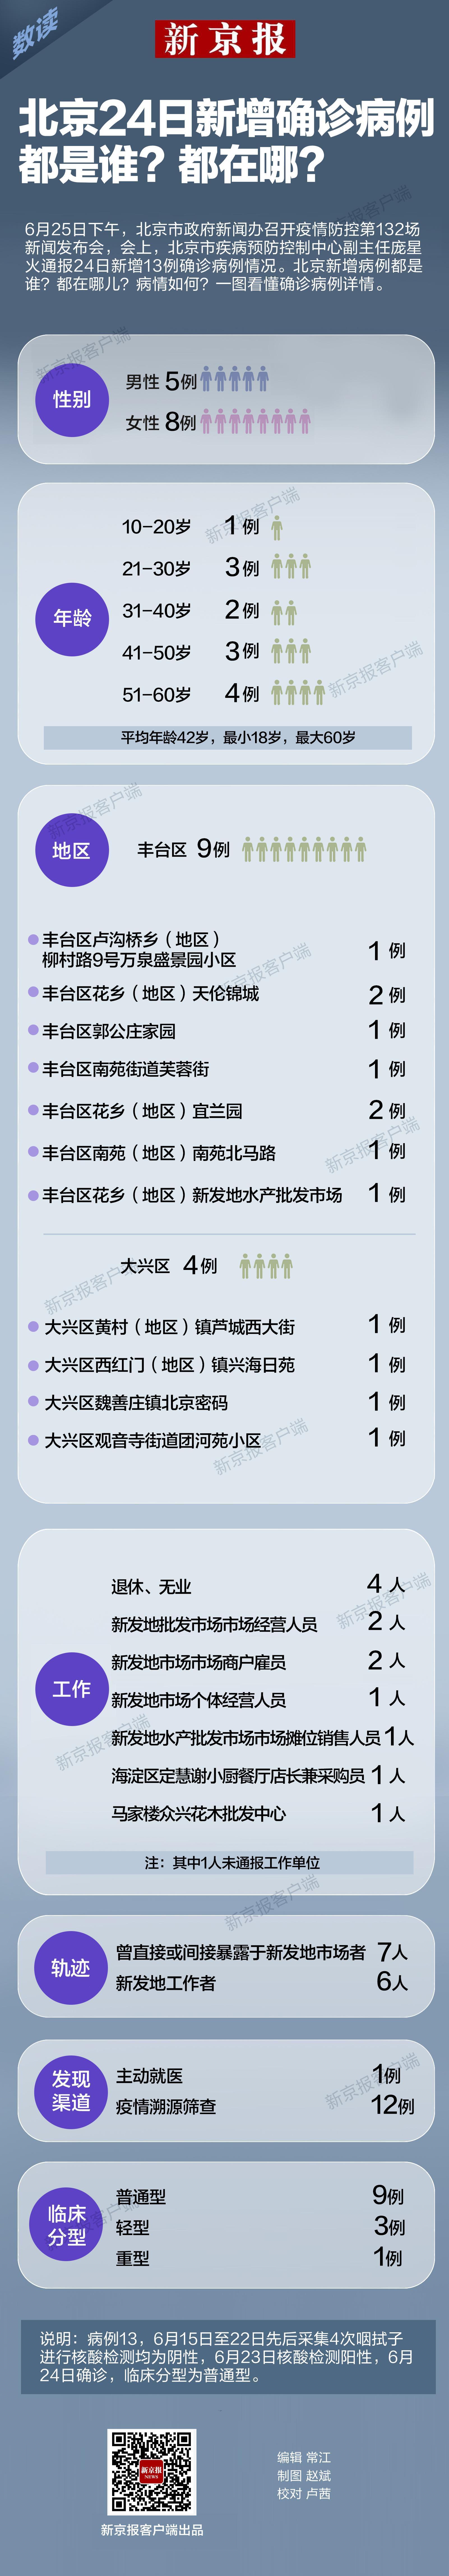 [摩天娱乐]北京24日摩天娱乐新增确图片